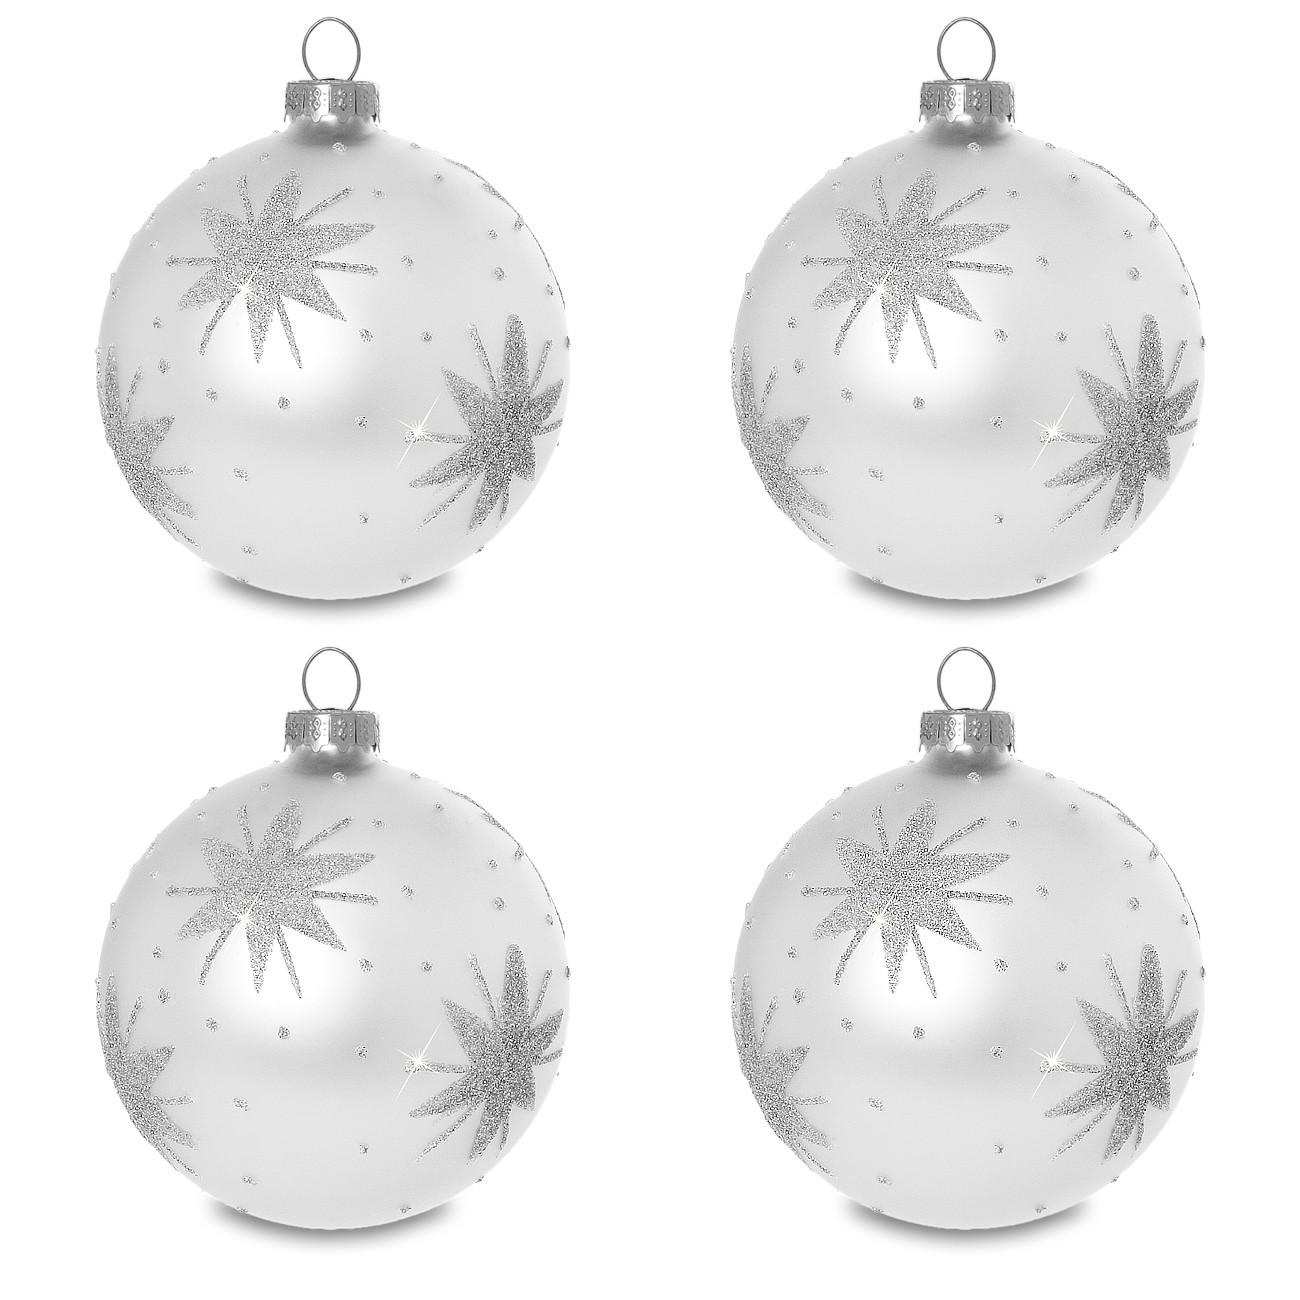 Weihnachtskugeln Weiß Silber.Sikora Christbaumkugeln Aus Glas Mit Klassischer Verzierung Stary